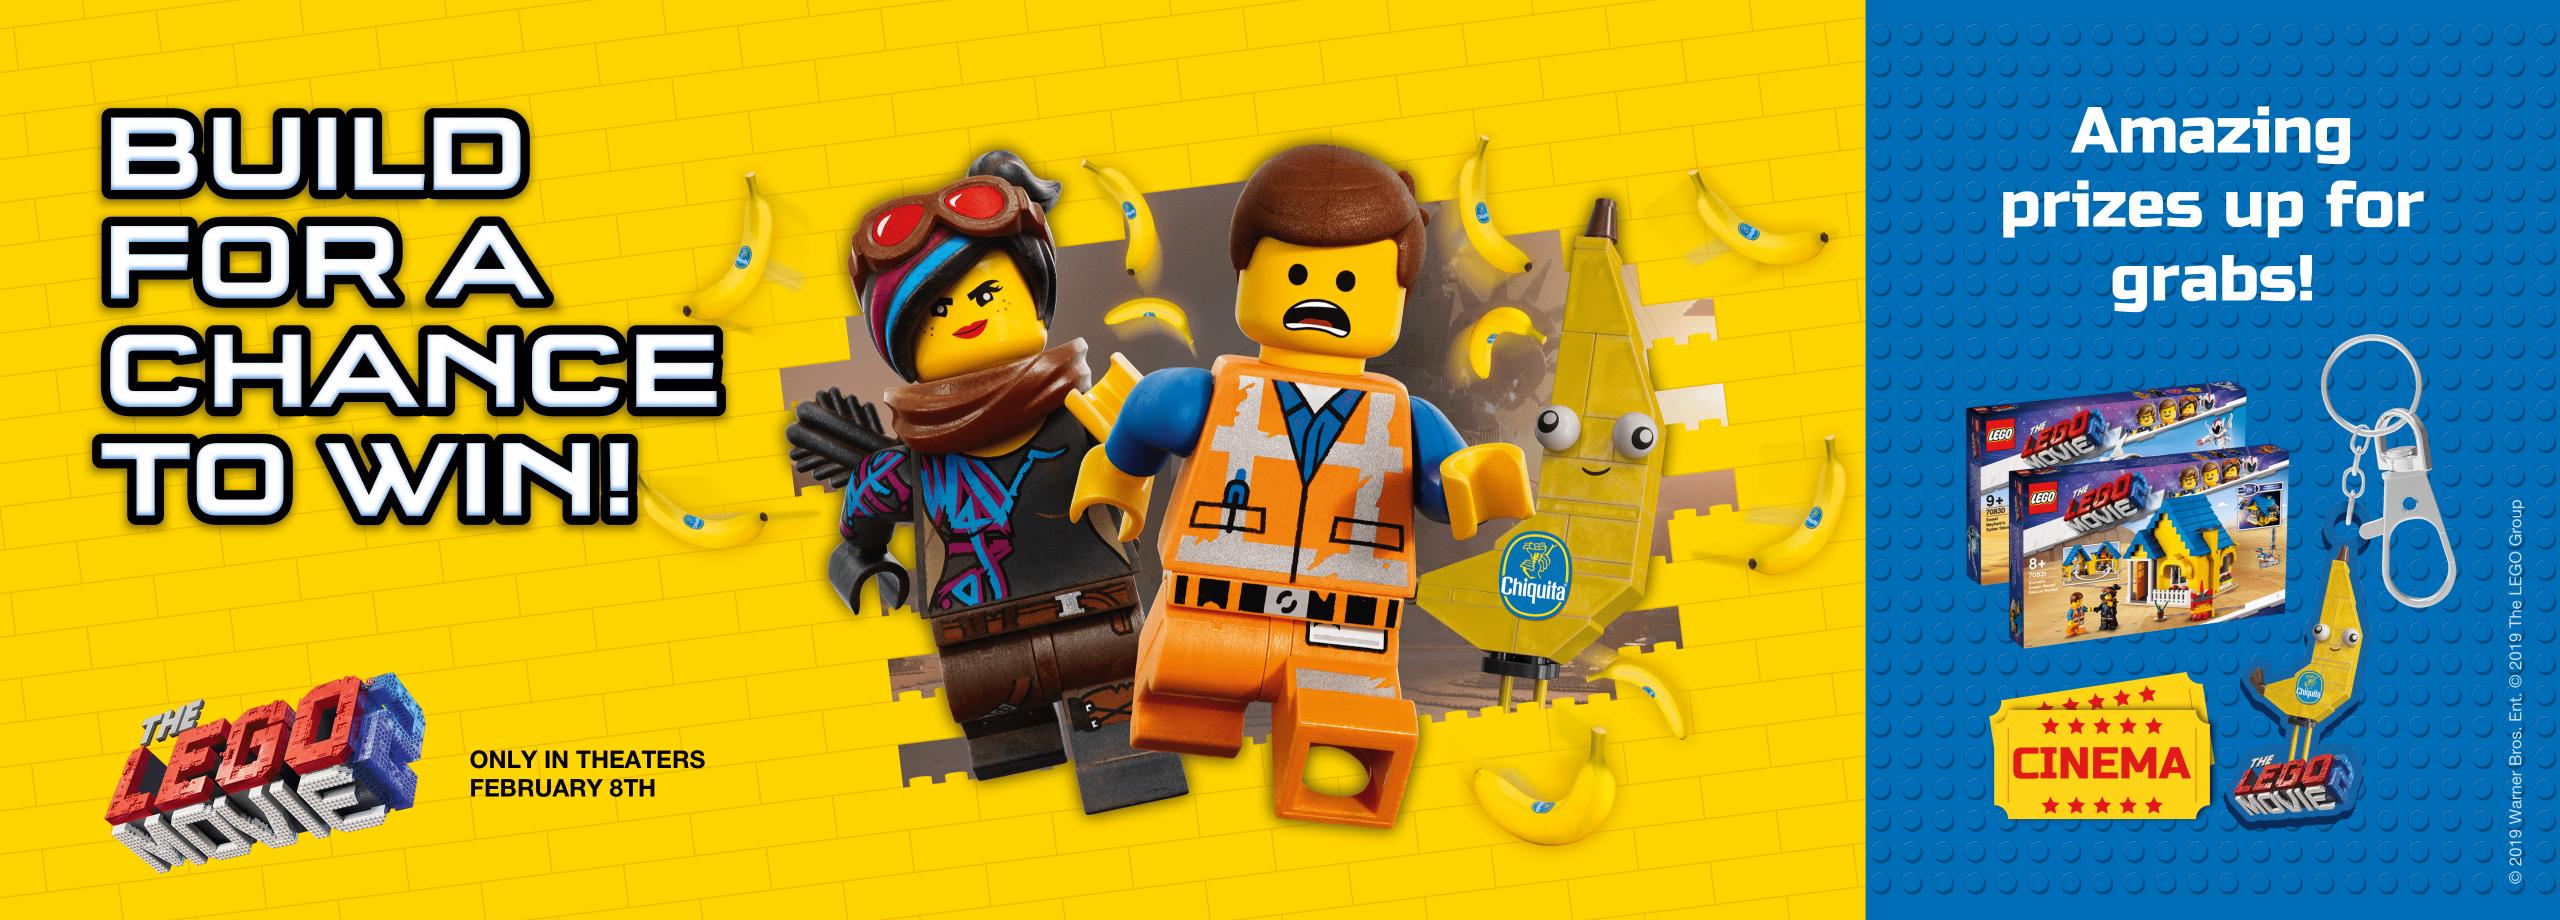 LEGO_MOVIE_2Chiquita_3